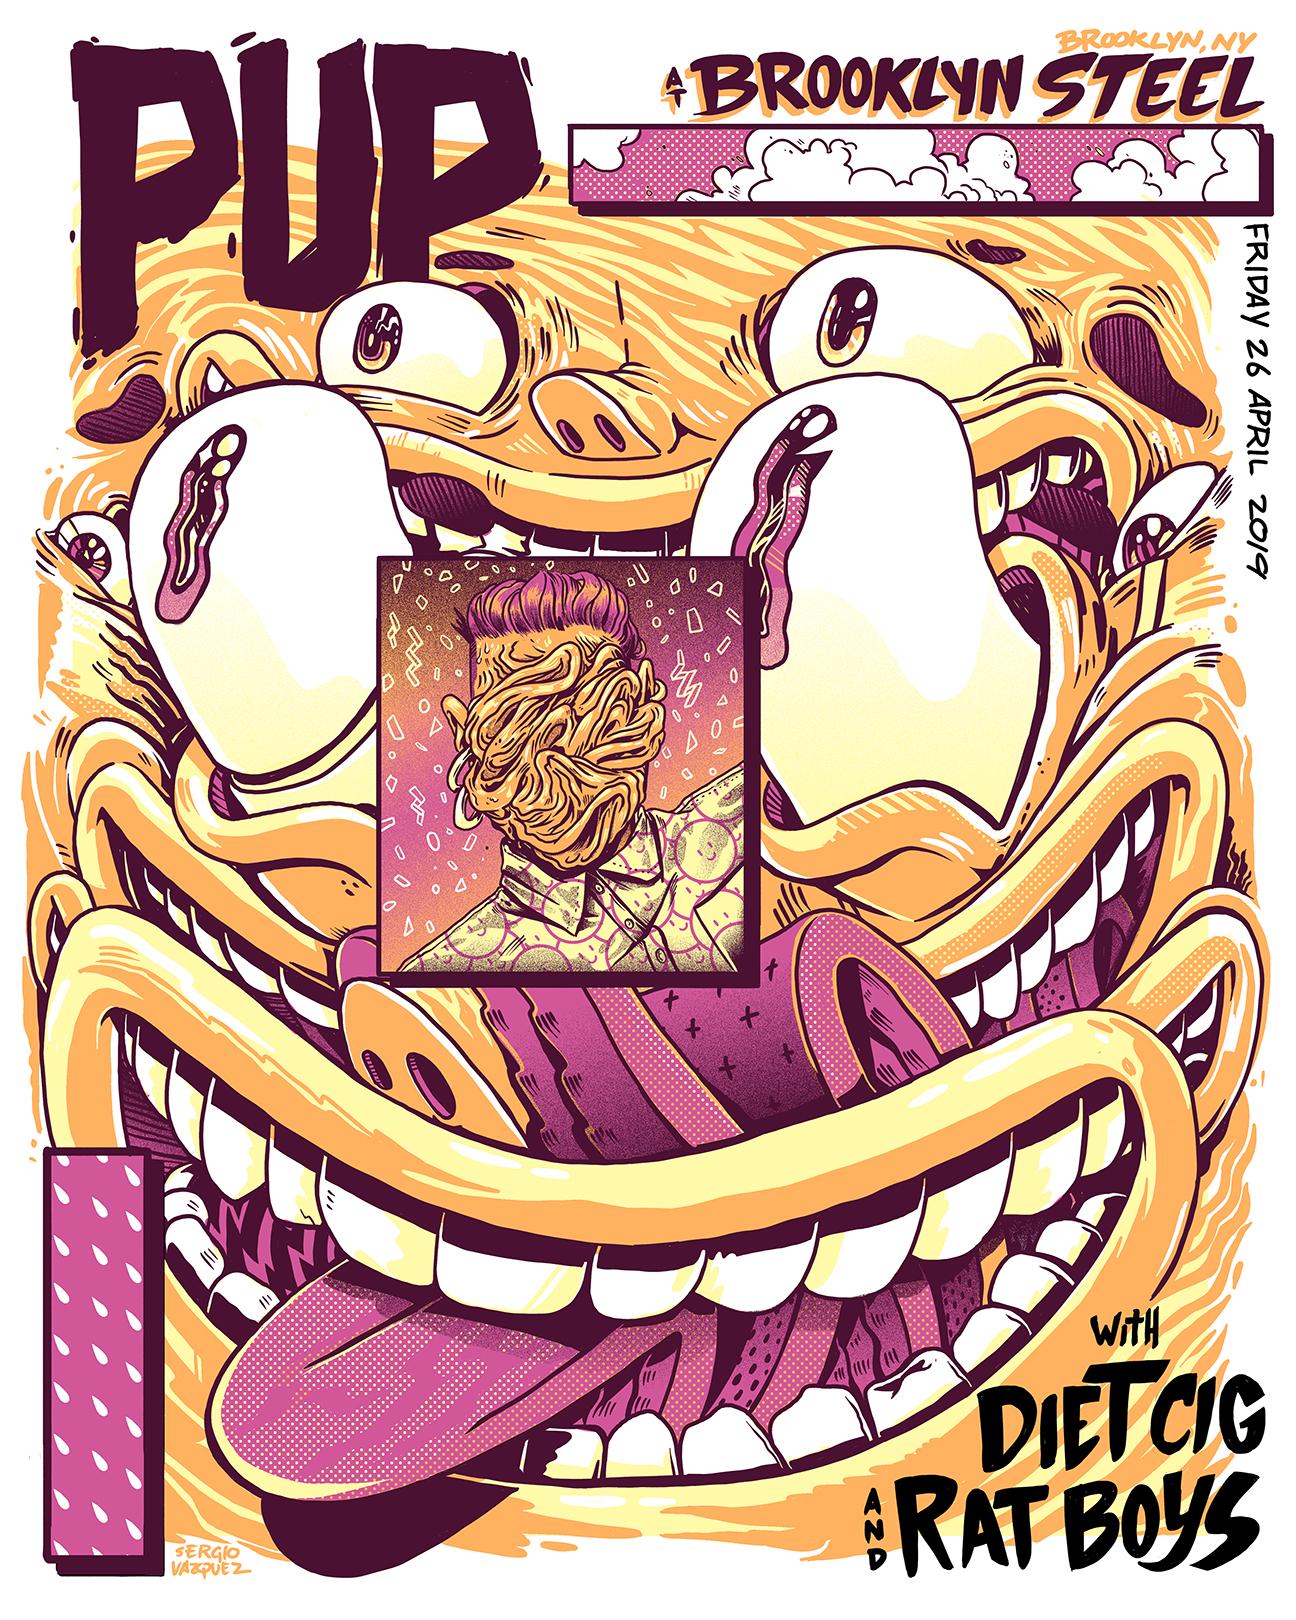 PUP Tour Poster